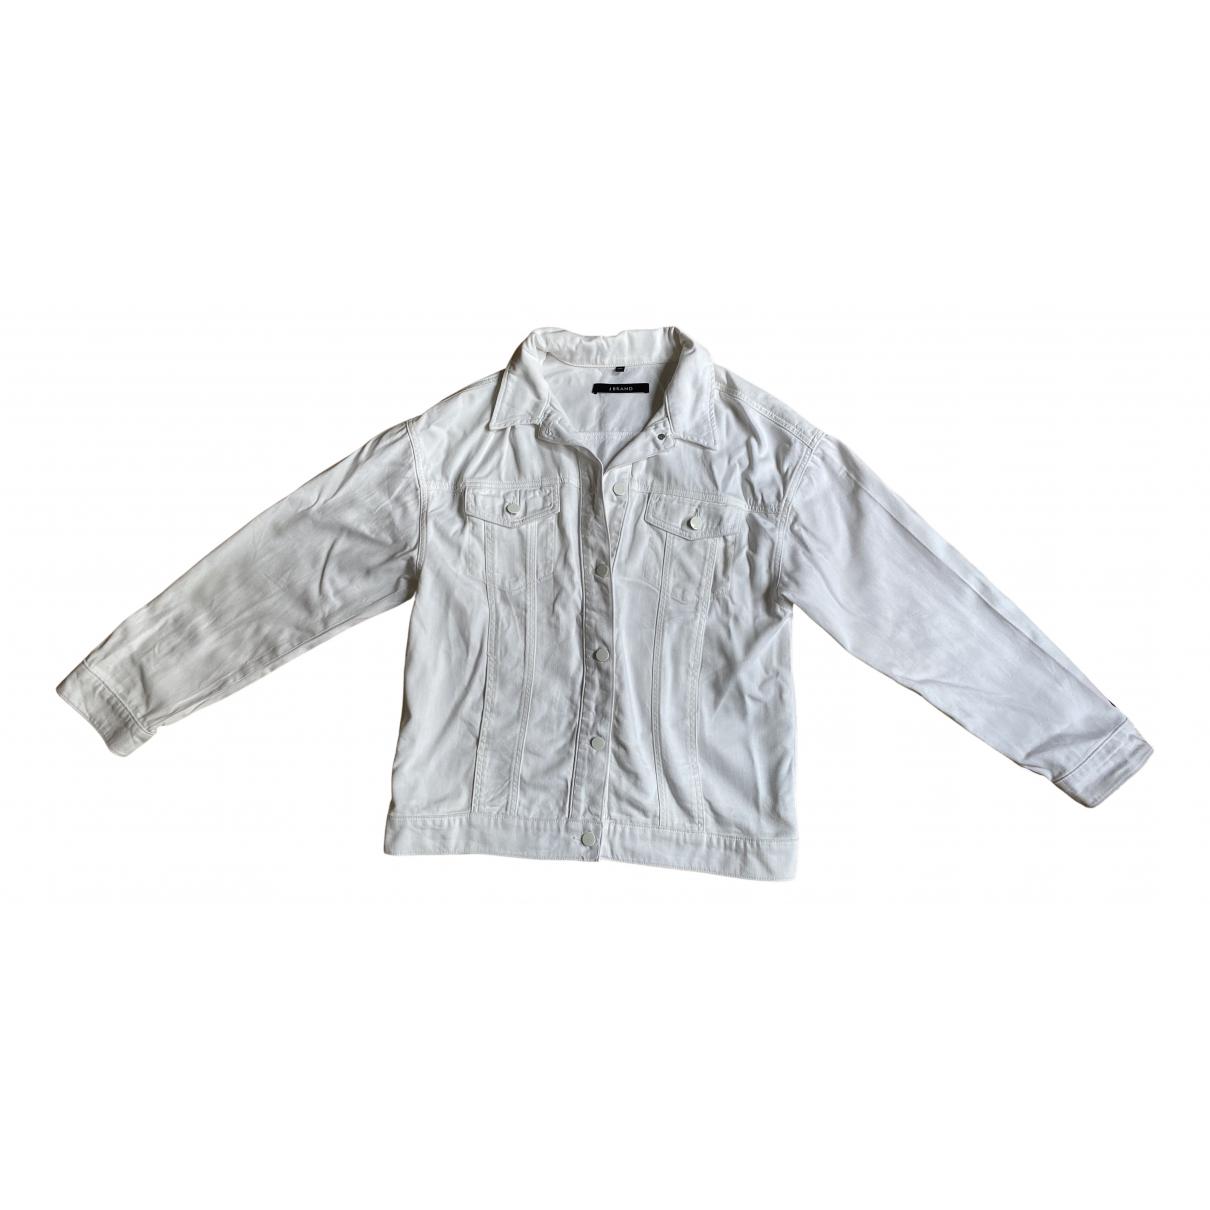 J Brand - Veste   pour femme en denim - blanc